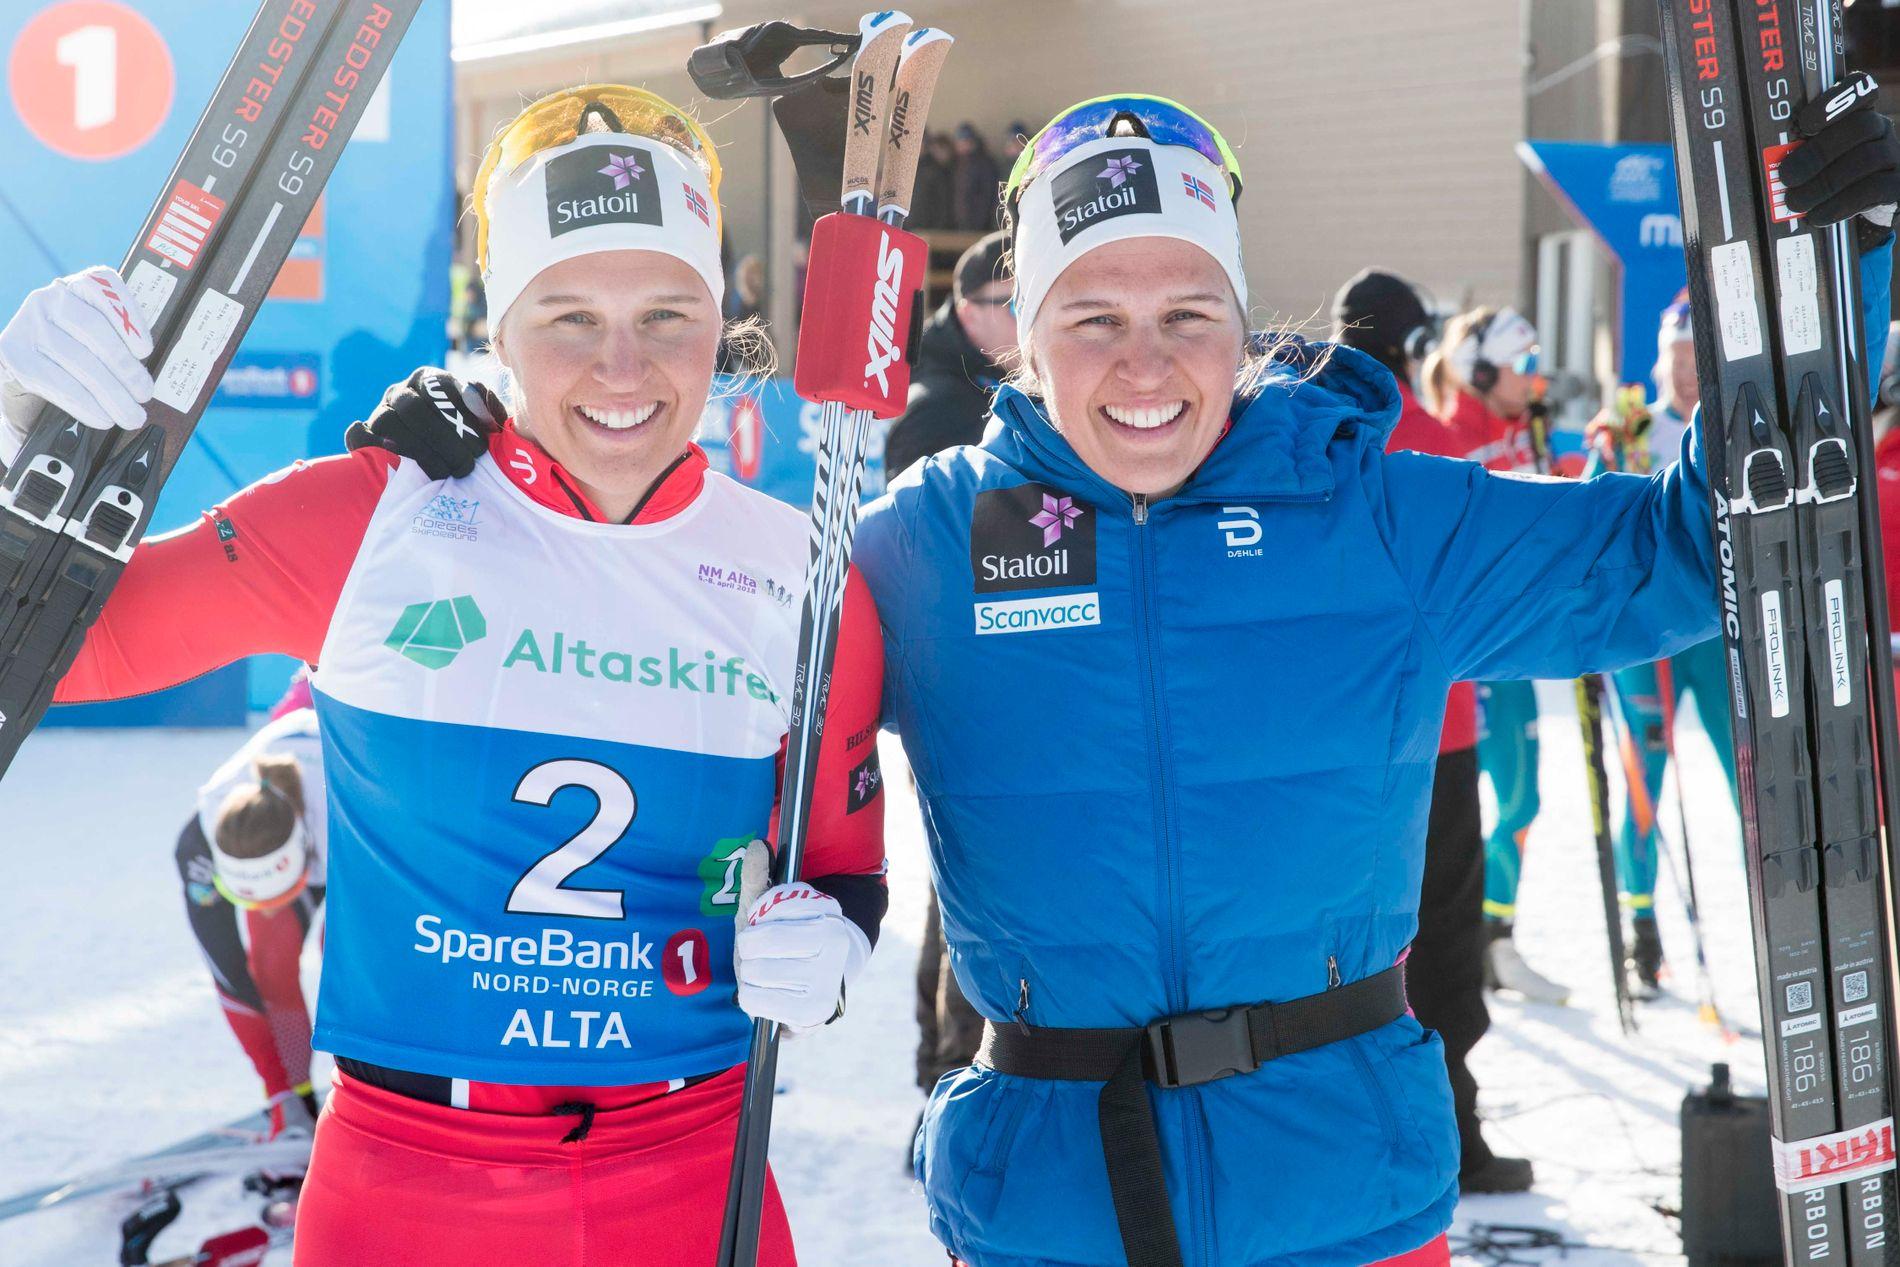 GULLSØSTRE: Lotta (t.v.) og Tiril Udnes Weng jublet for NM-gull på lagsprinten i Alta i april. Det var tvillingsøstrenes andre NM-triumf sammen.